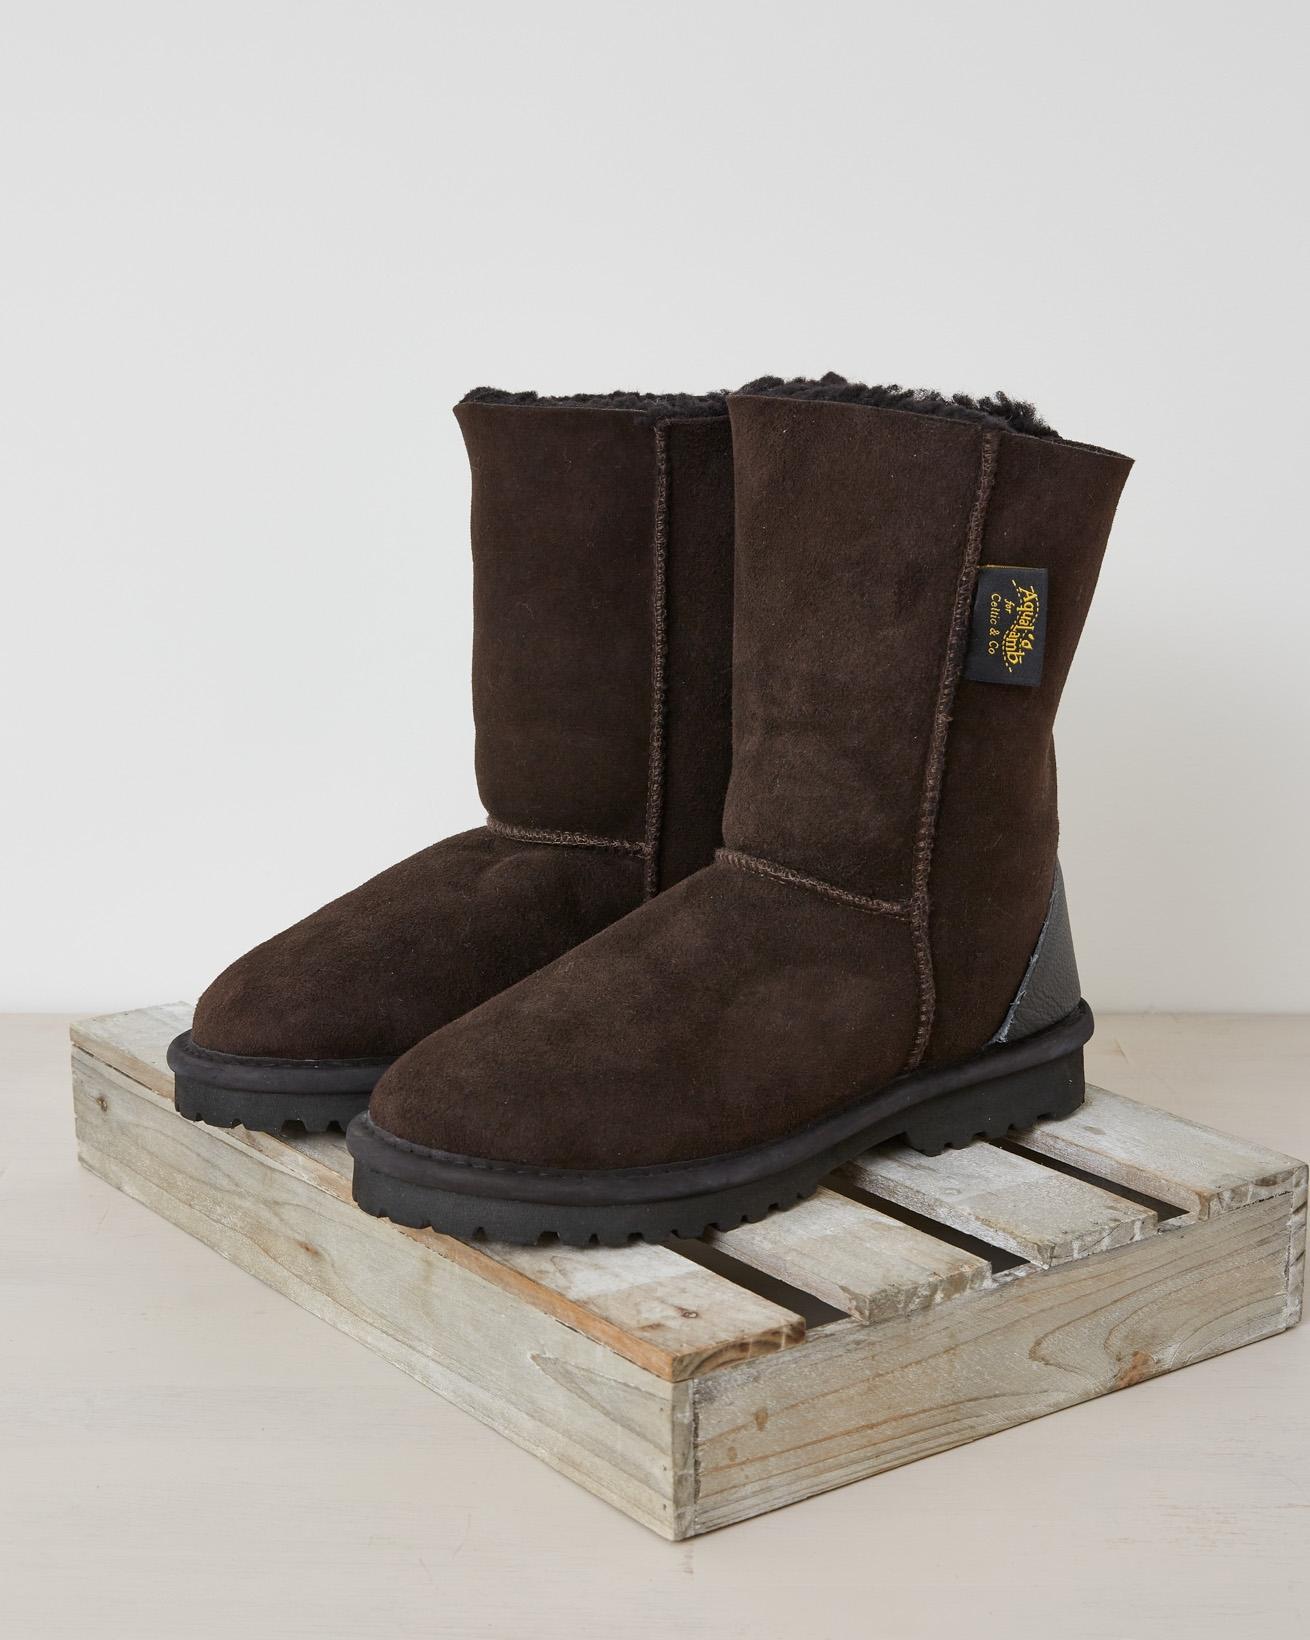 Aqualamb boots reg - Size 5 - Darkest brown - 2631